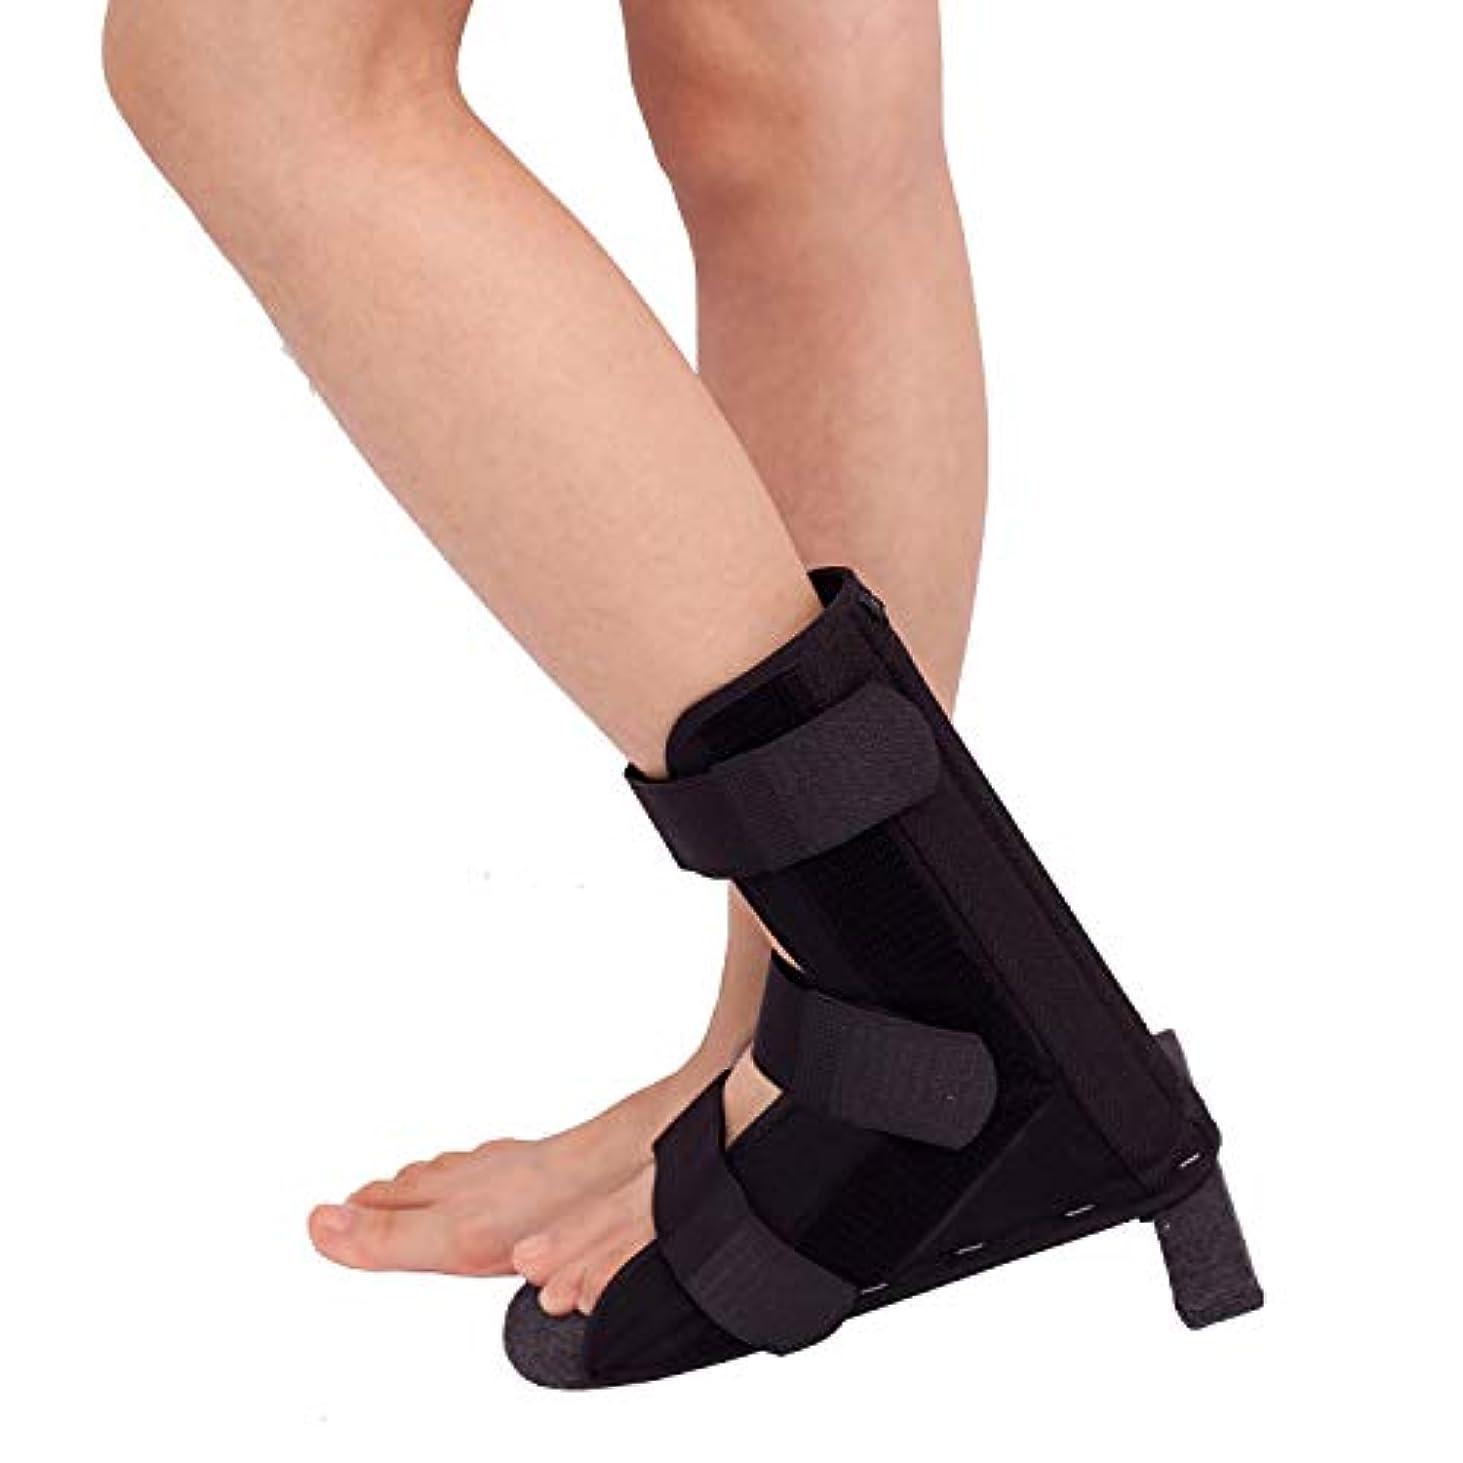 ターゲット視線カテゴリー足首サポート ア、T字型靴、整形外科用靴、足首骨折、捻挫固定ブラケット (Size : L)